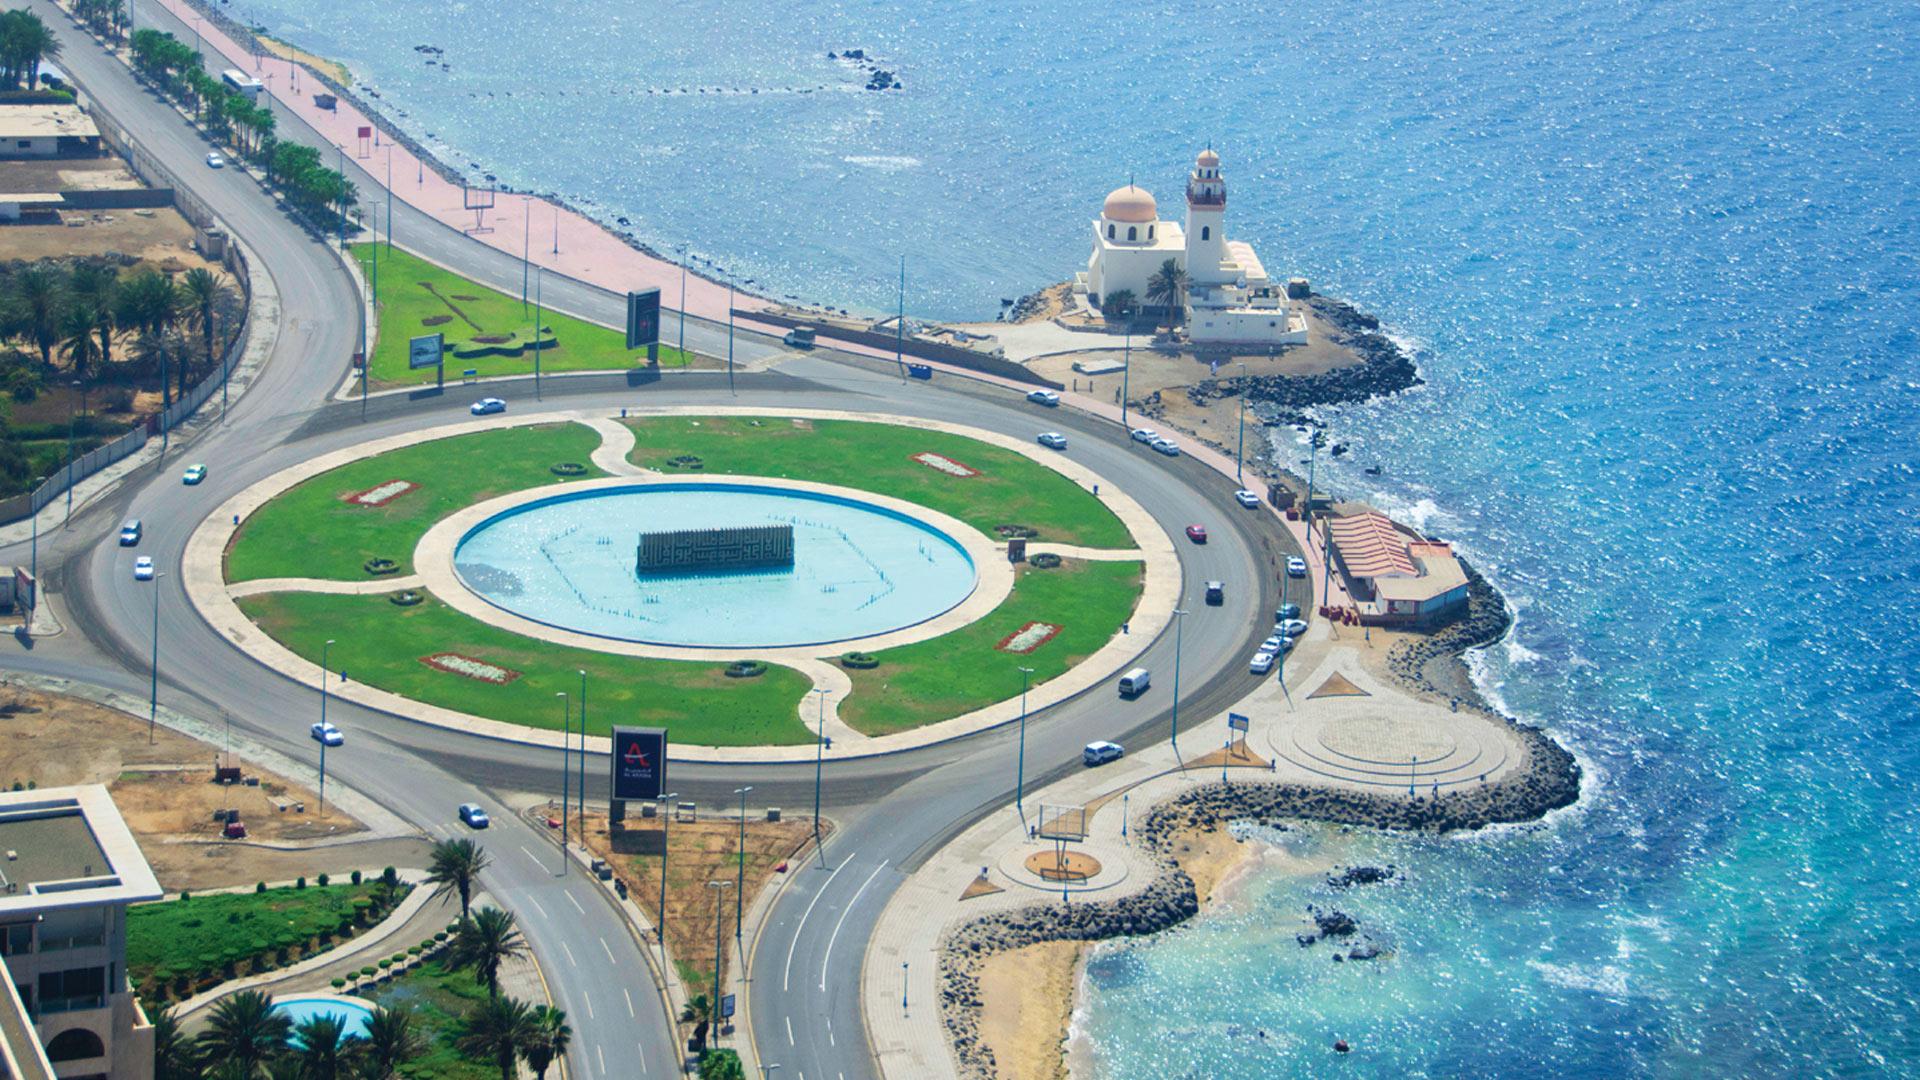 بالصور اجمل الاماكن السياحيه في جده , افضل صور لعروس البحر الاحمر 199 2